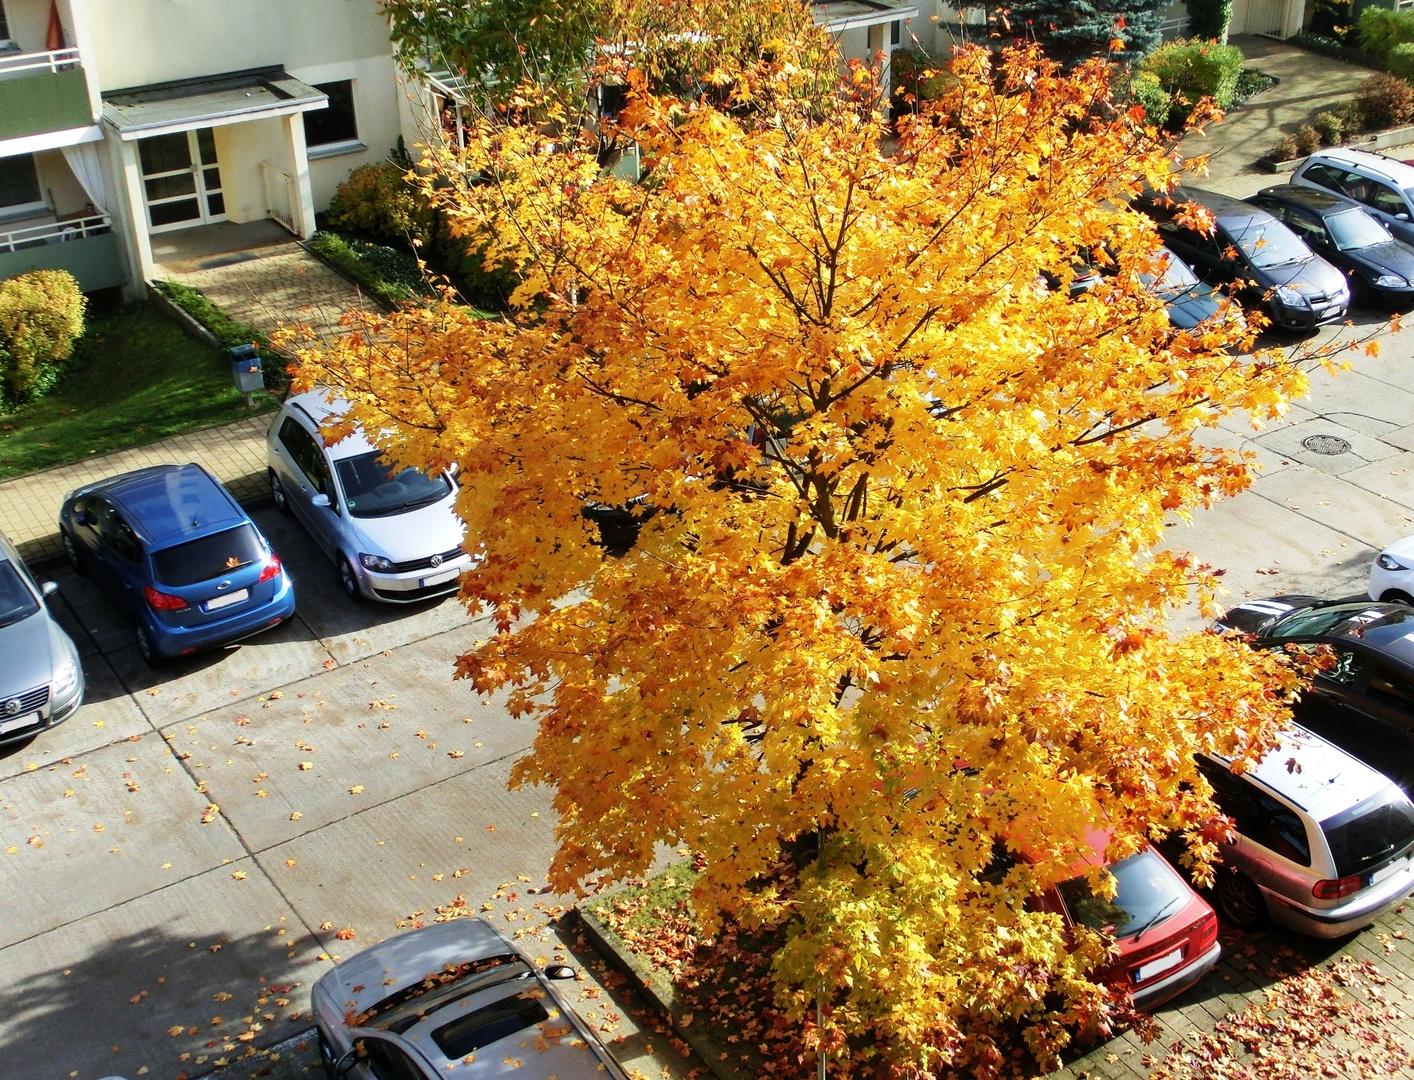 Herbst im Wohngebiet